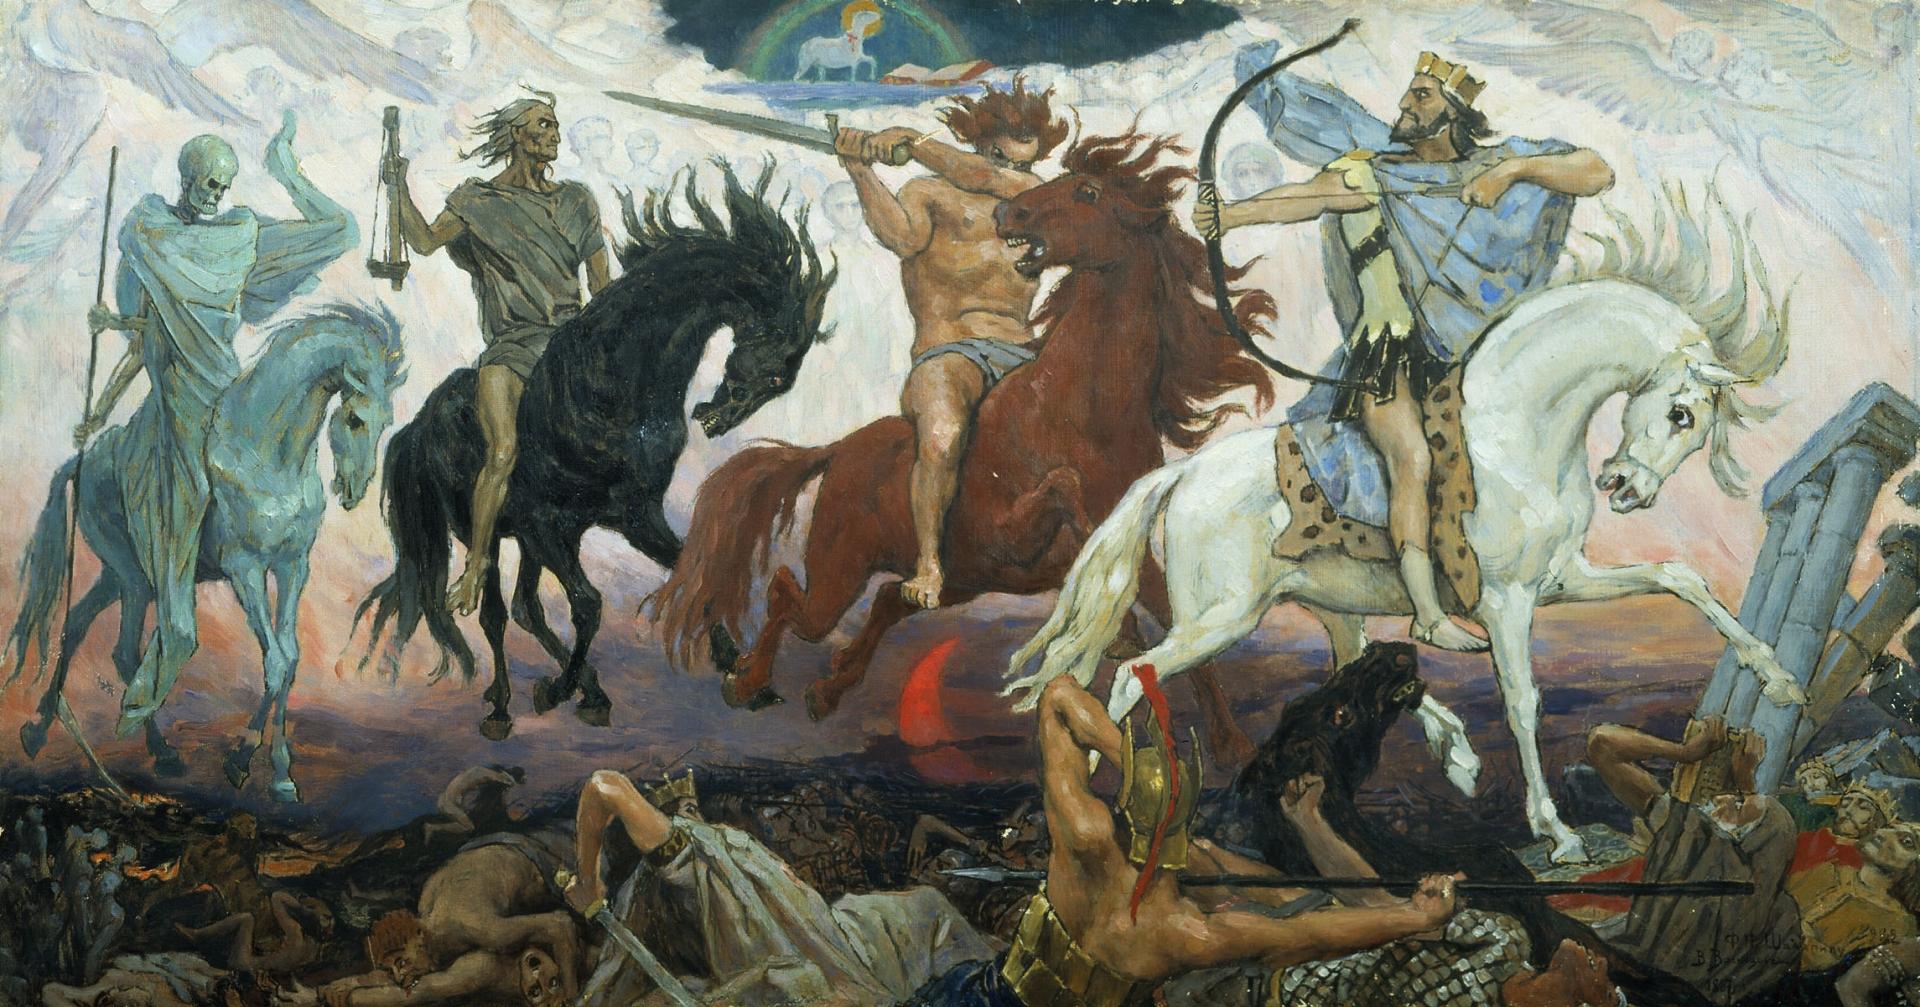 Виктор Васнецов. Воины Апокалипсиса. 1887